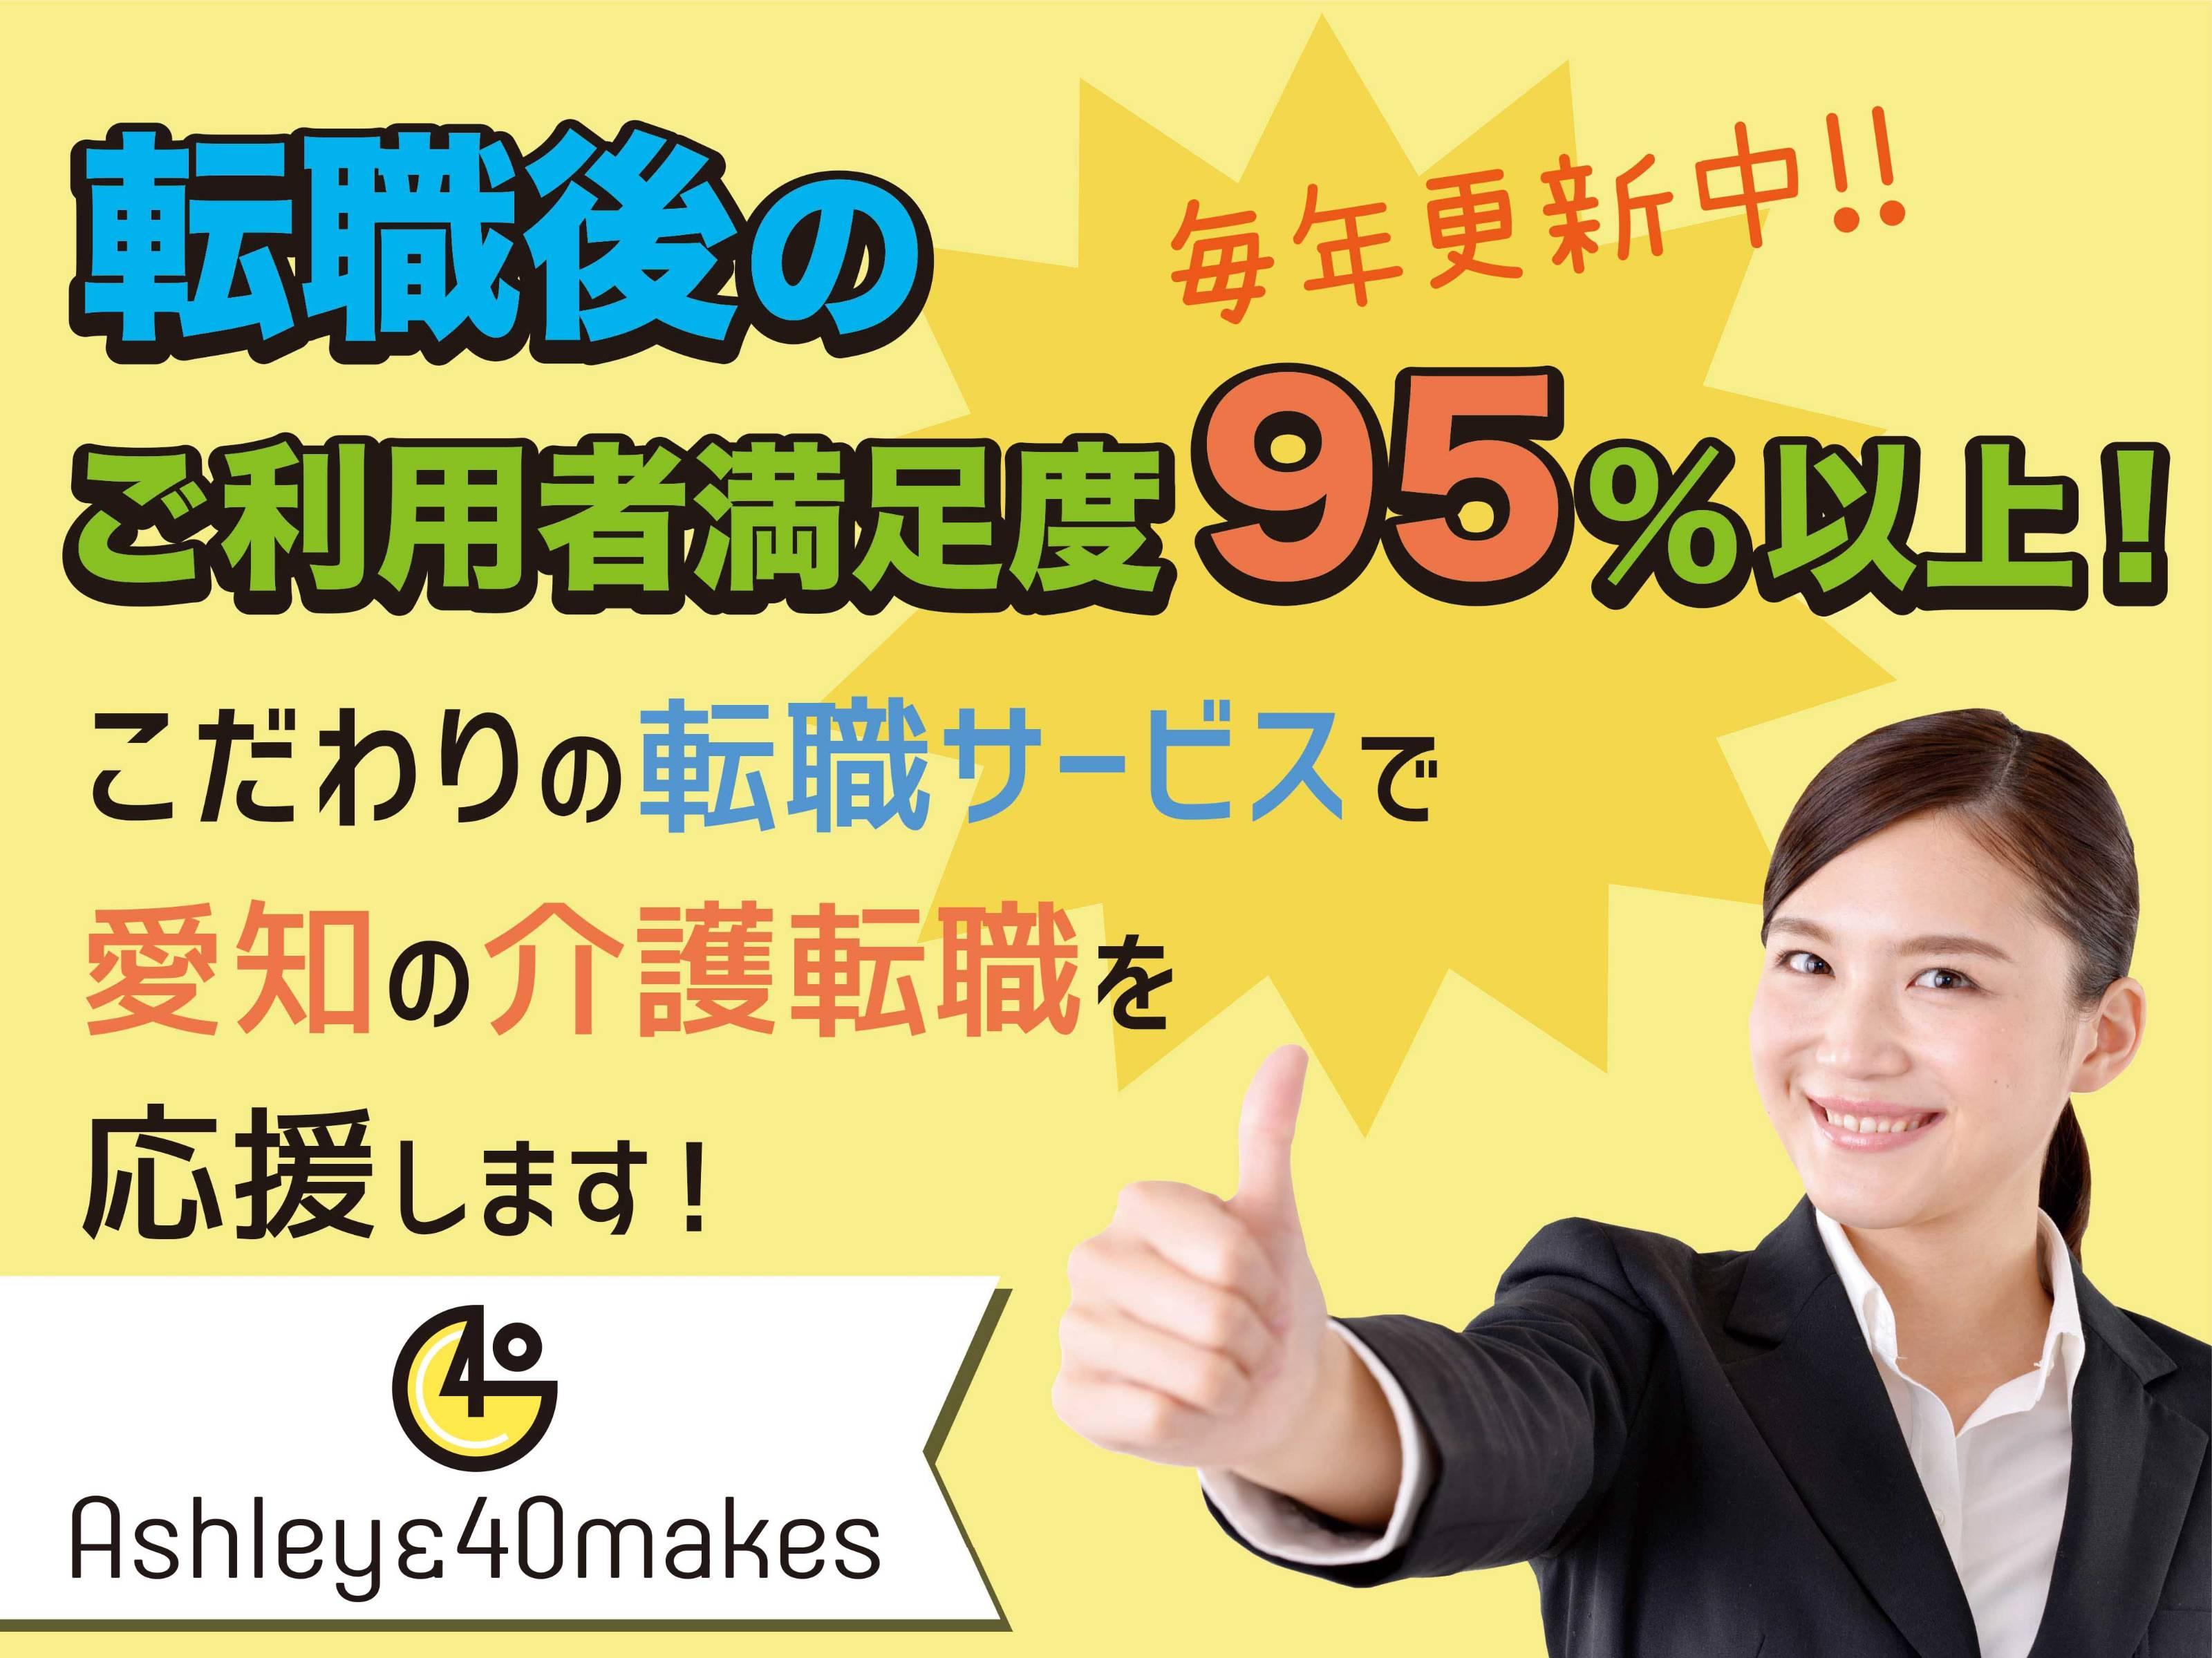 株式会社アシュリー&40メイクス(アシュリーアンドフォーティーメイクス)